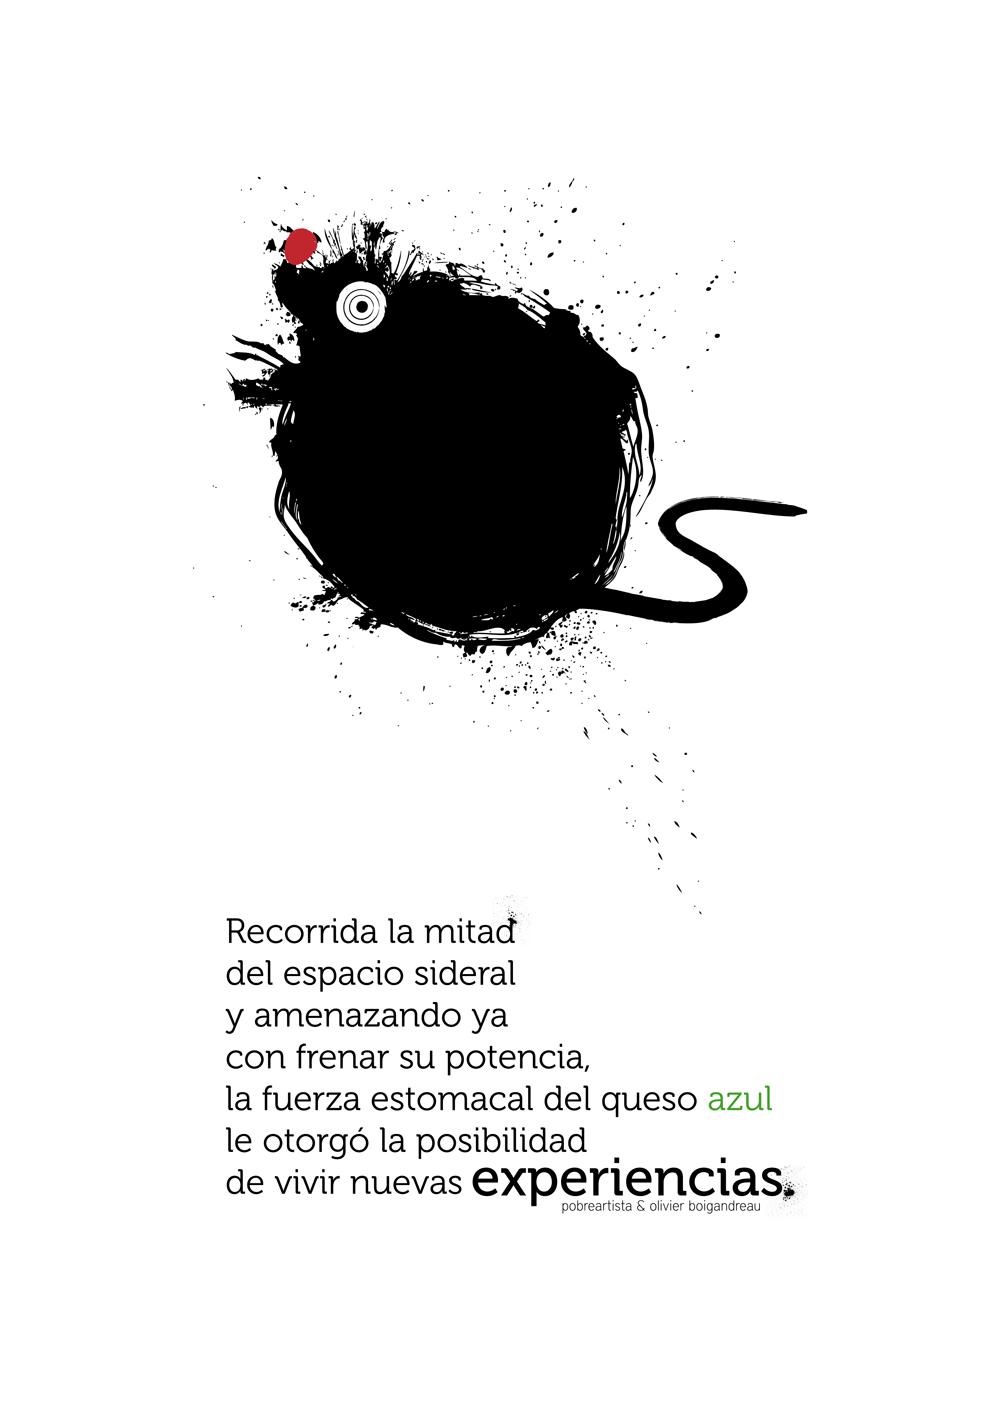 Manchas-01-experiencias